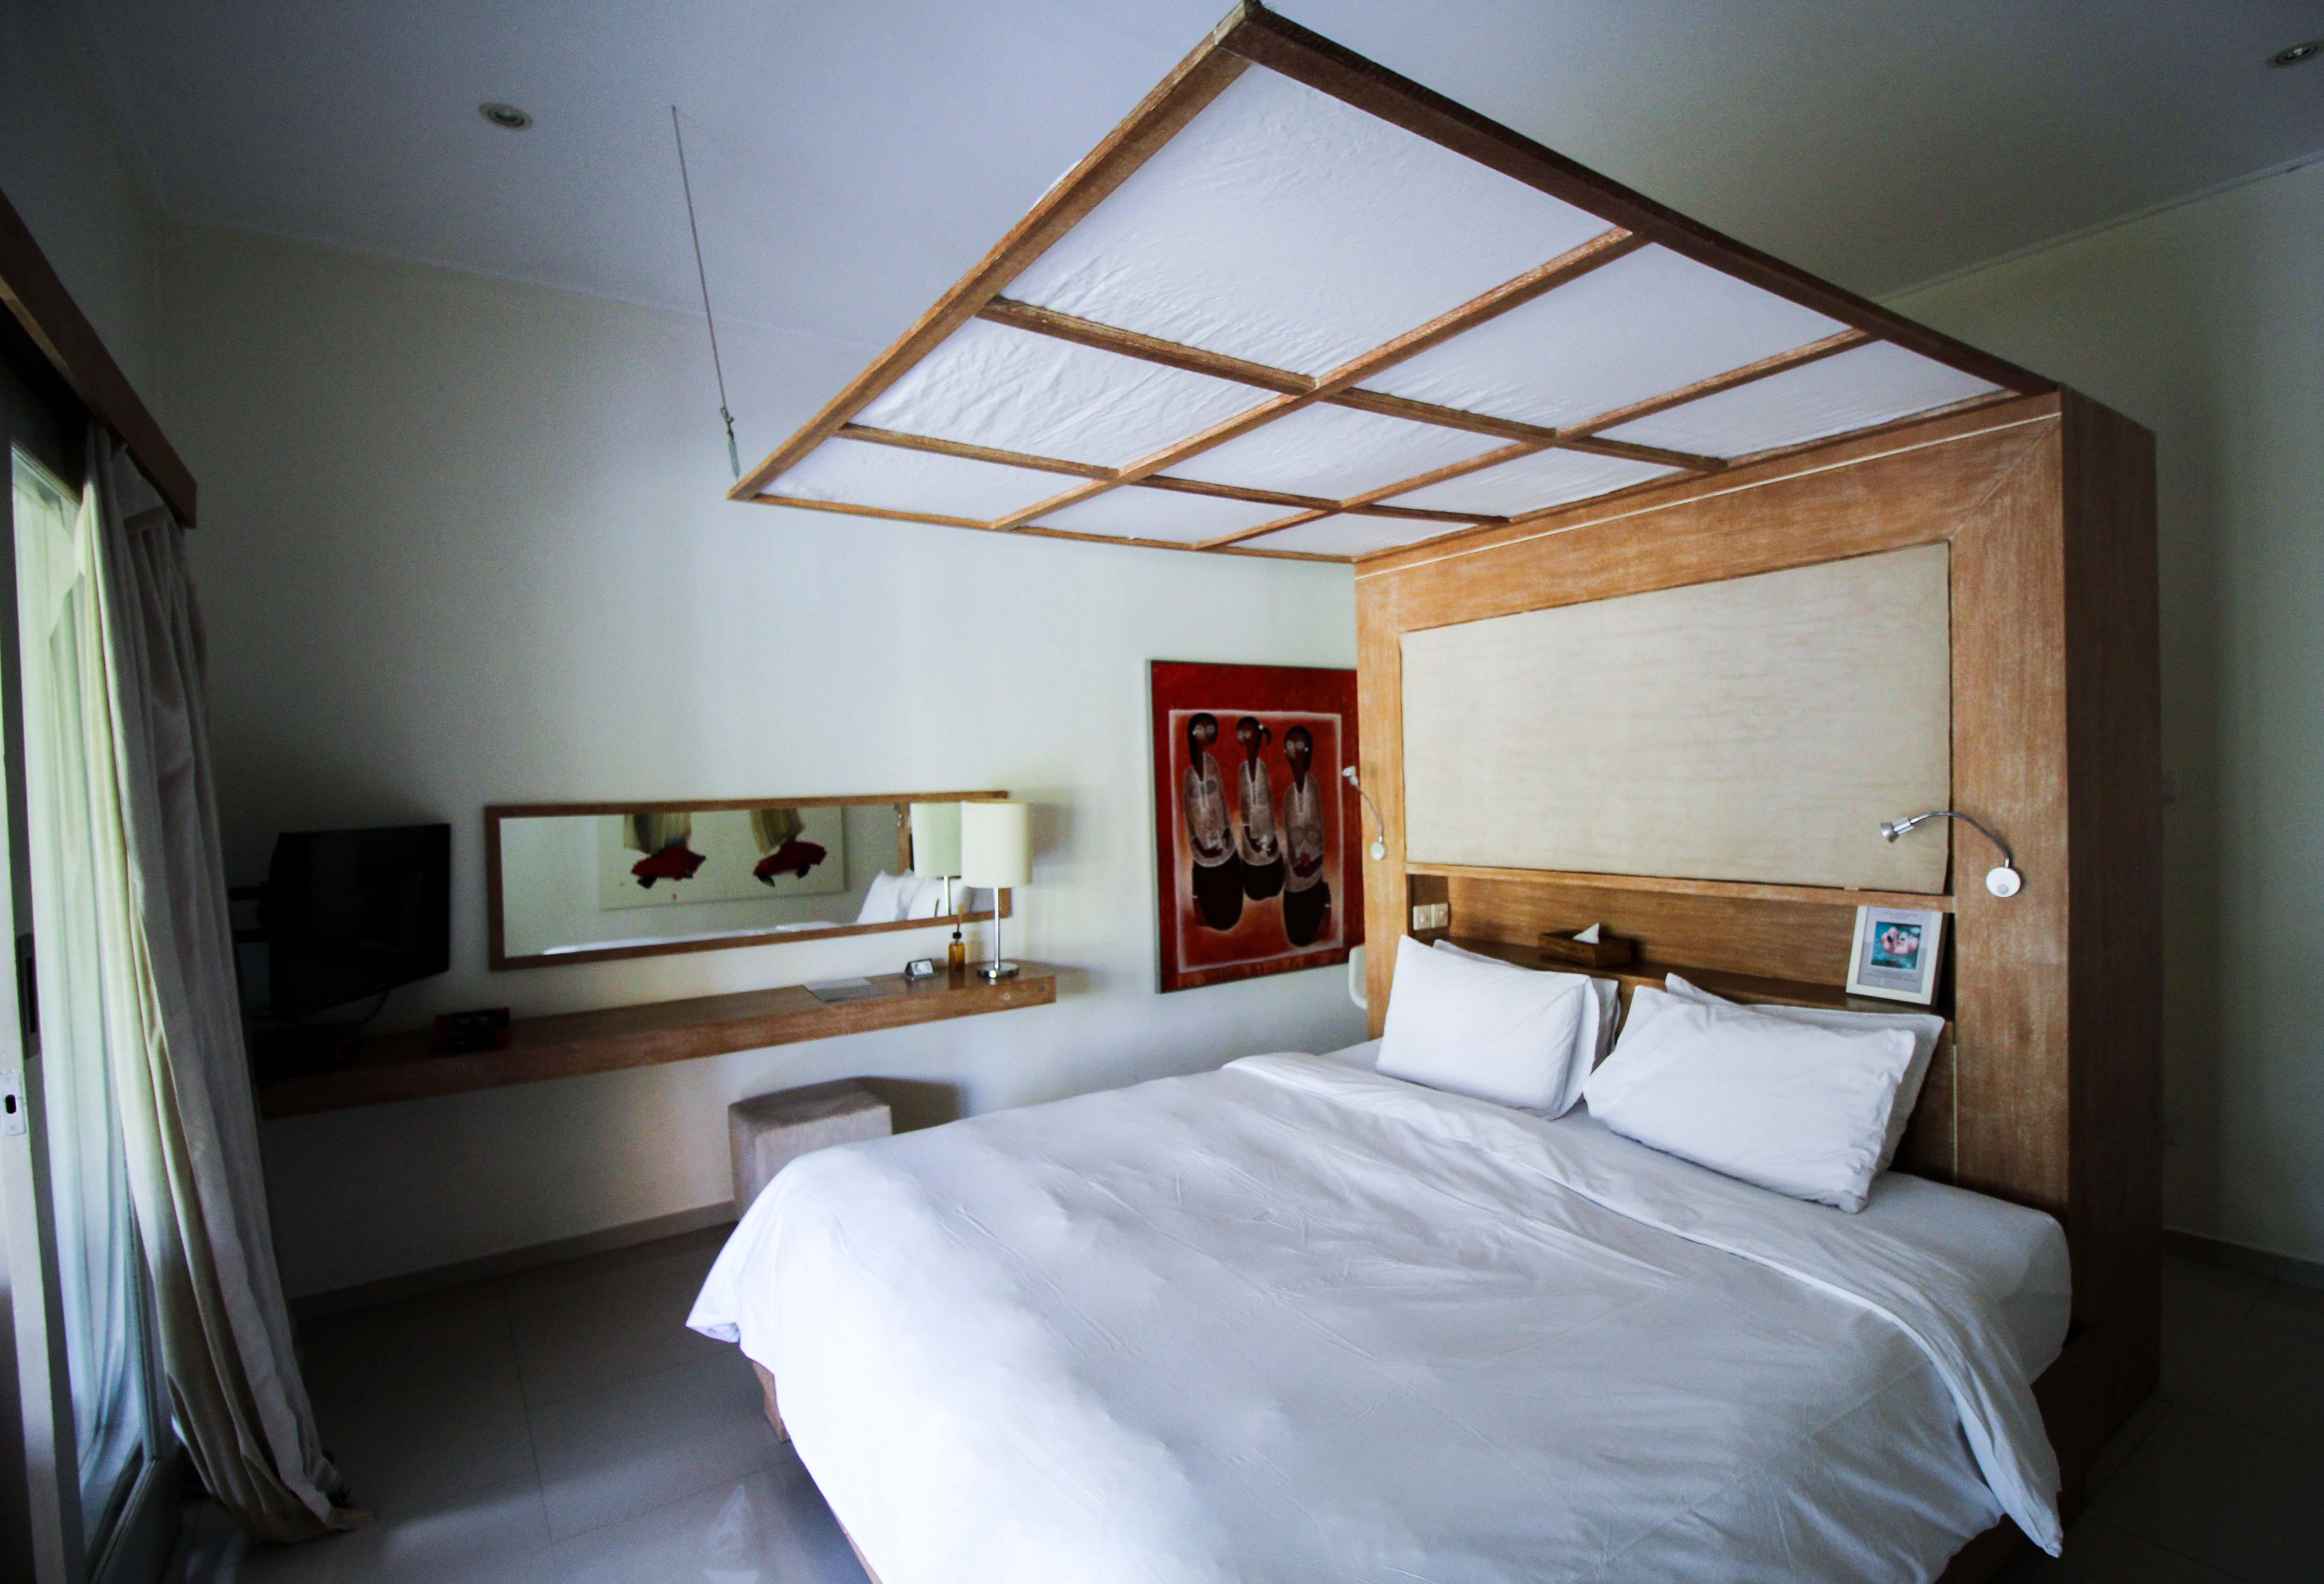 Sahana Villas Seminyak Poolvilla 3 Bedroom Seminyak Bali Luxusvilla mieten Schlafzimmer Reiseblogger 2